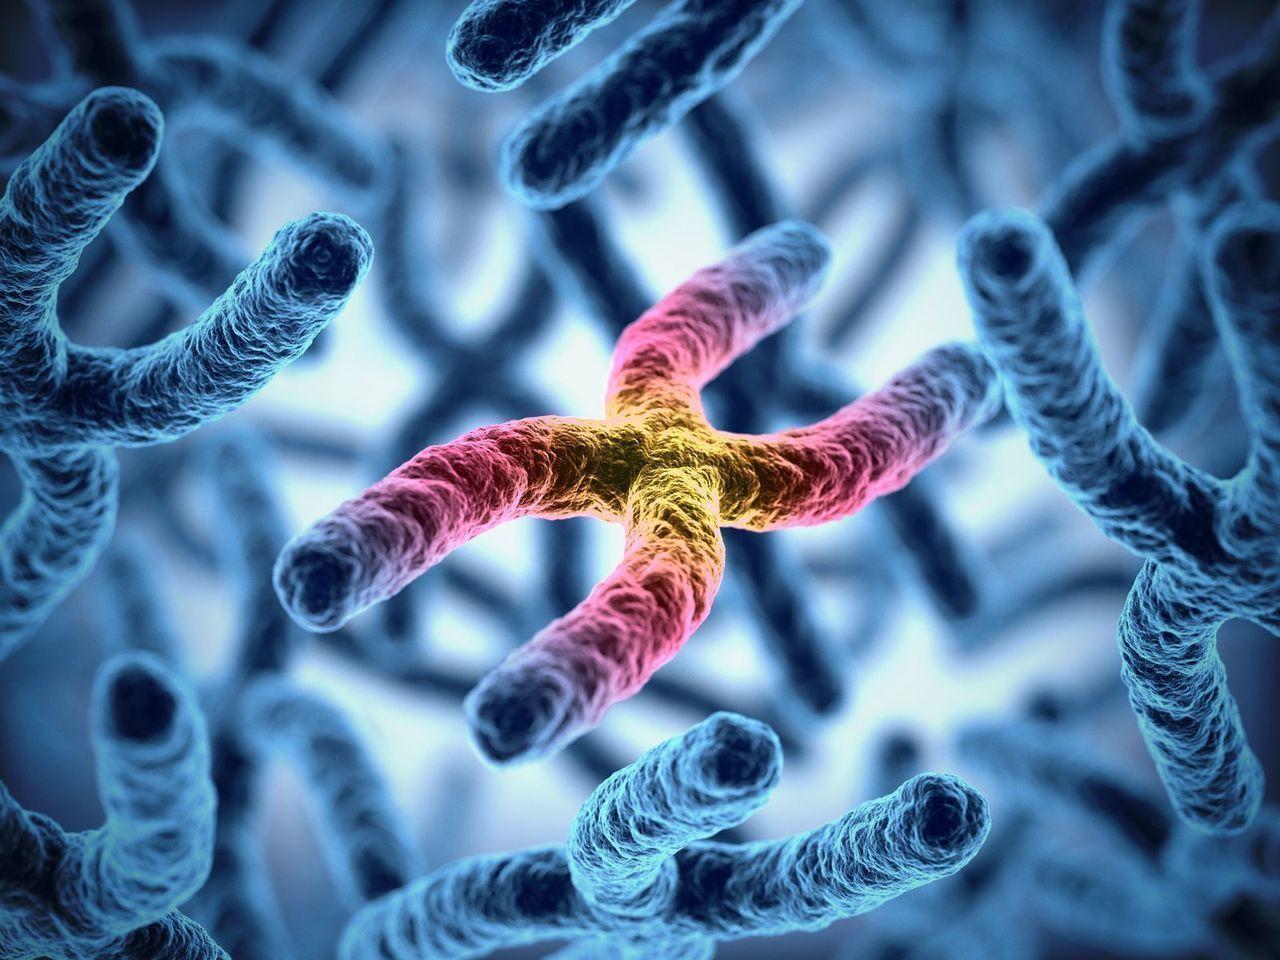 AGA若ハゲの原因 遺伝